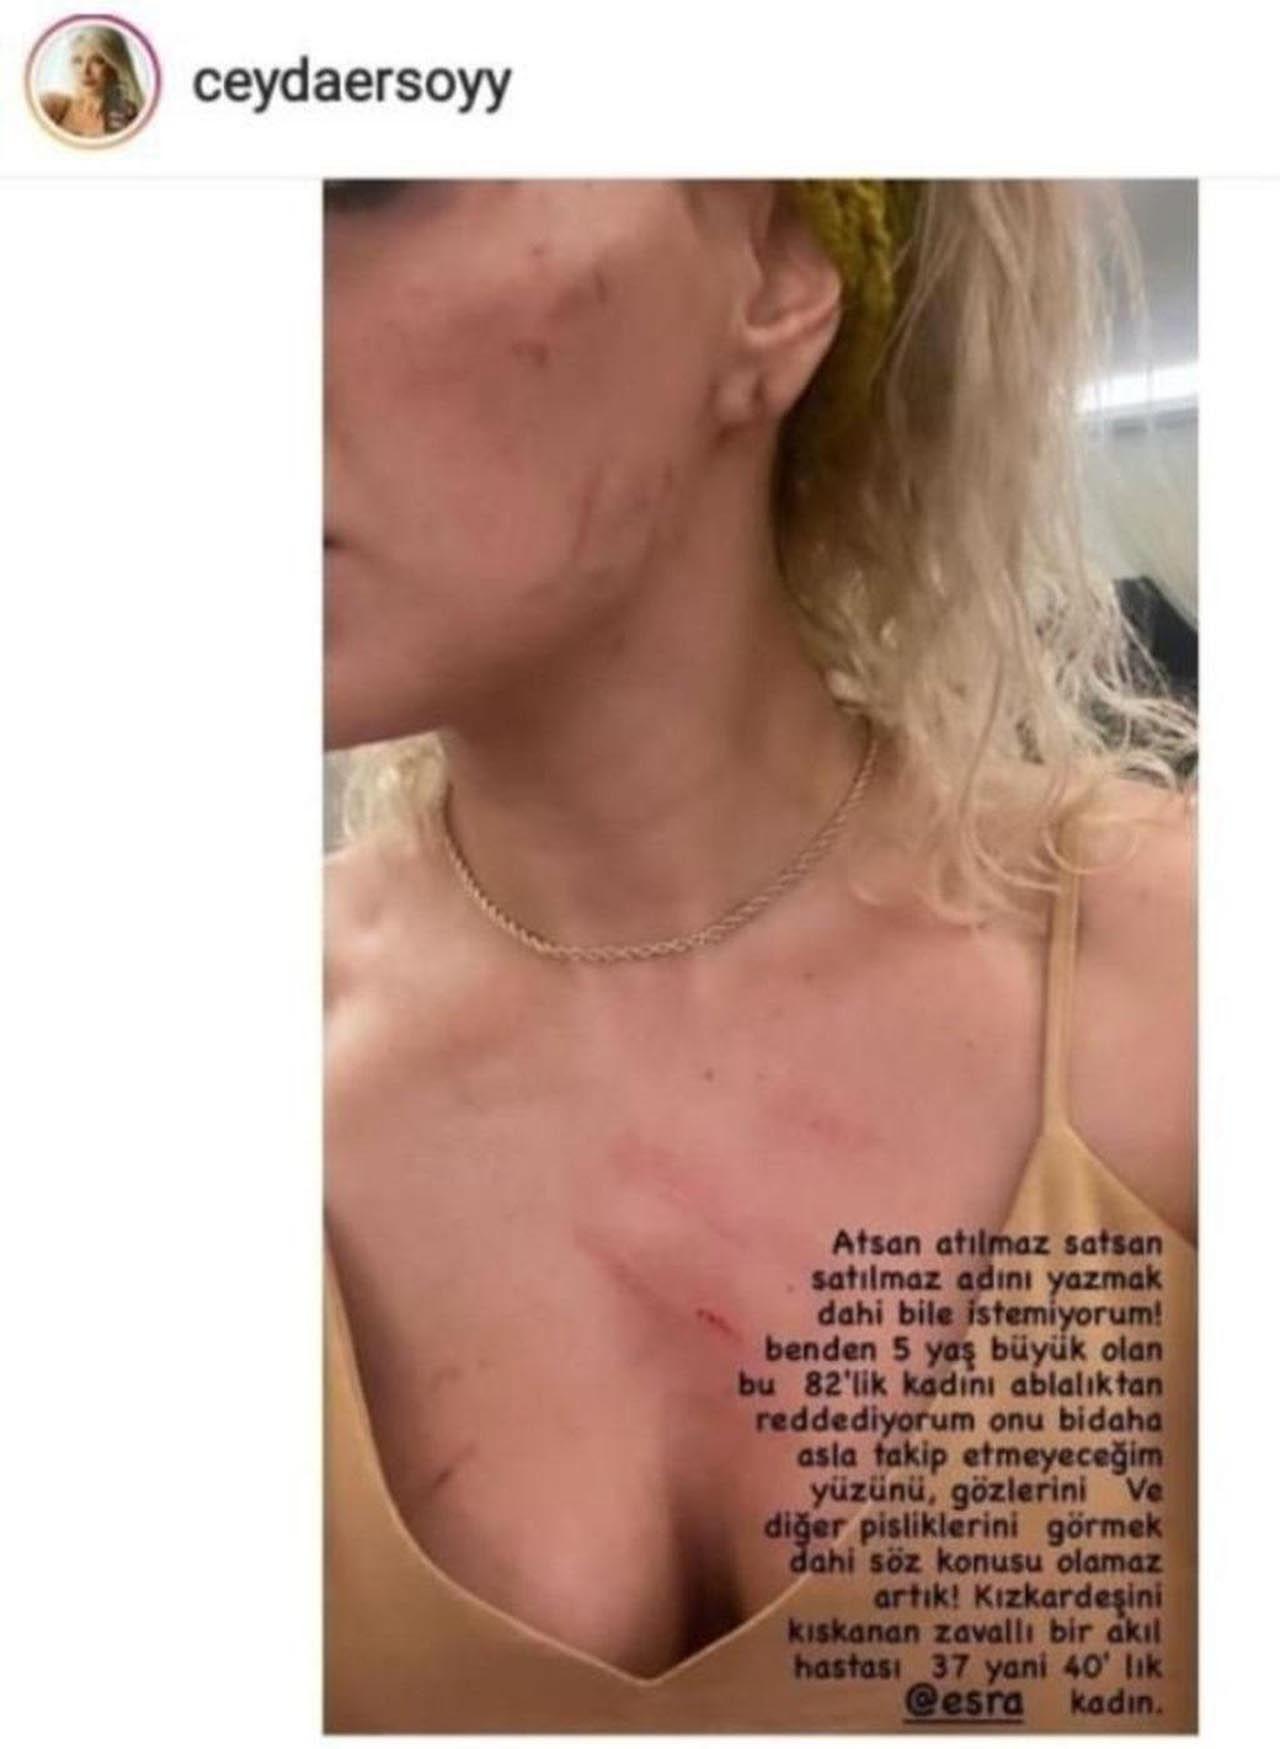 ''Ciciş Ceyda'' bu fotoğrafla duyurdu: ''Ablam beni dövdü'' - Resim: 2